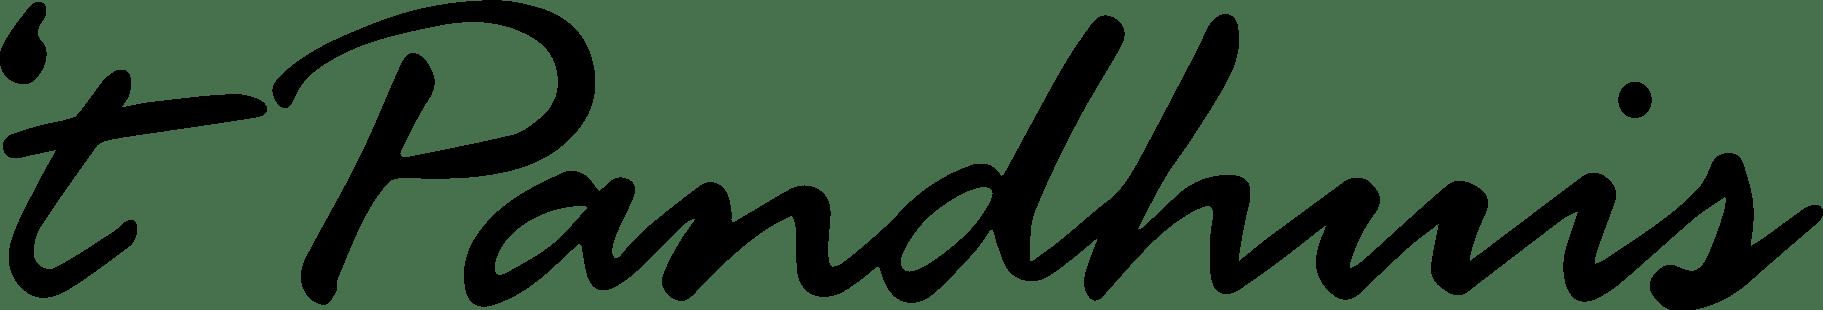 cropped-Tpandhuis-Logo-Black.png